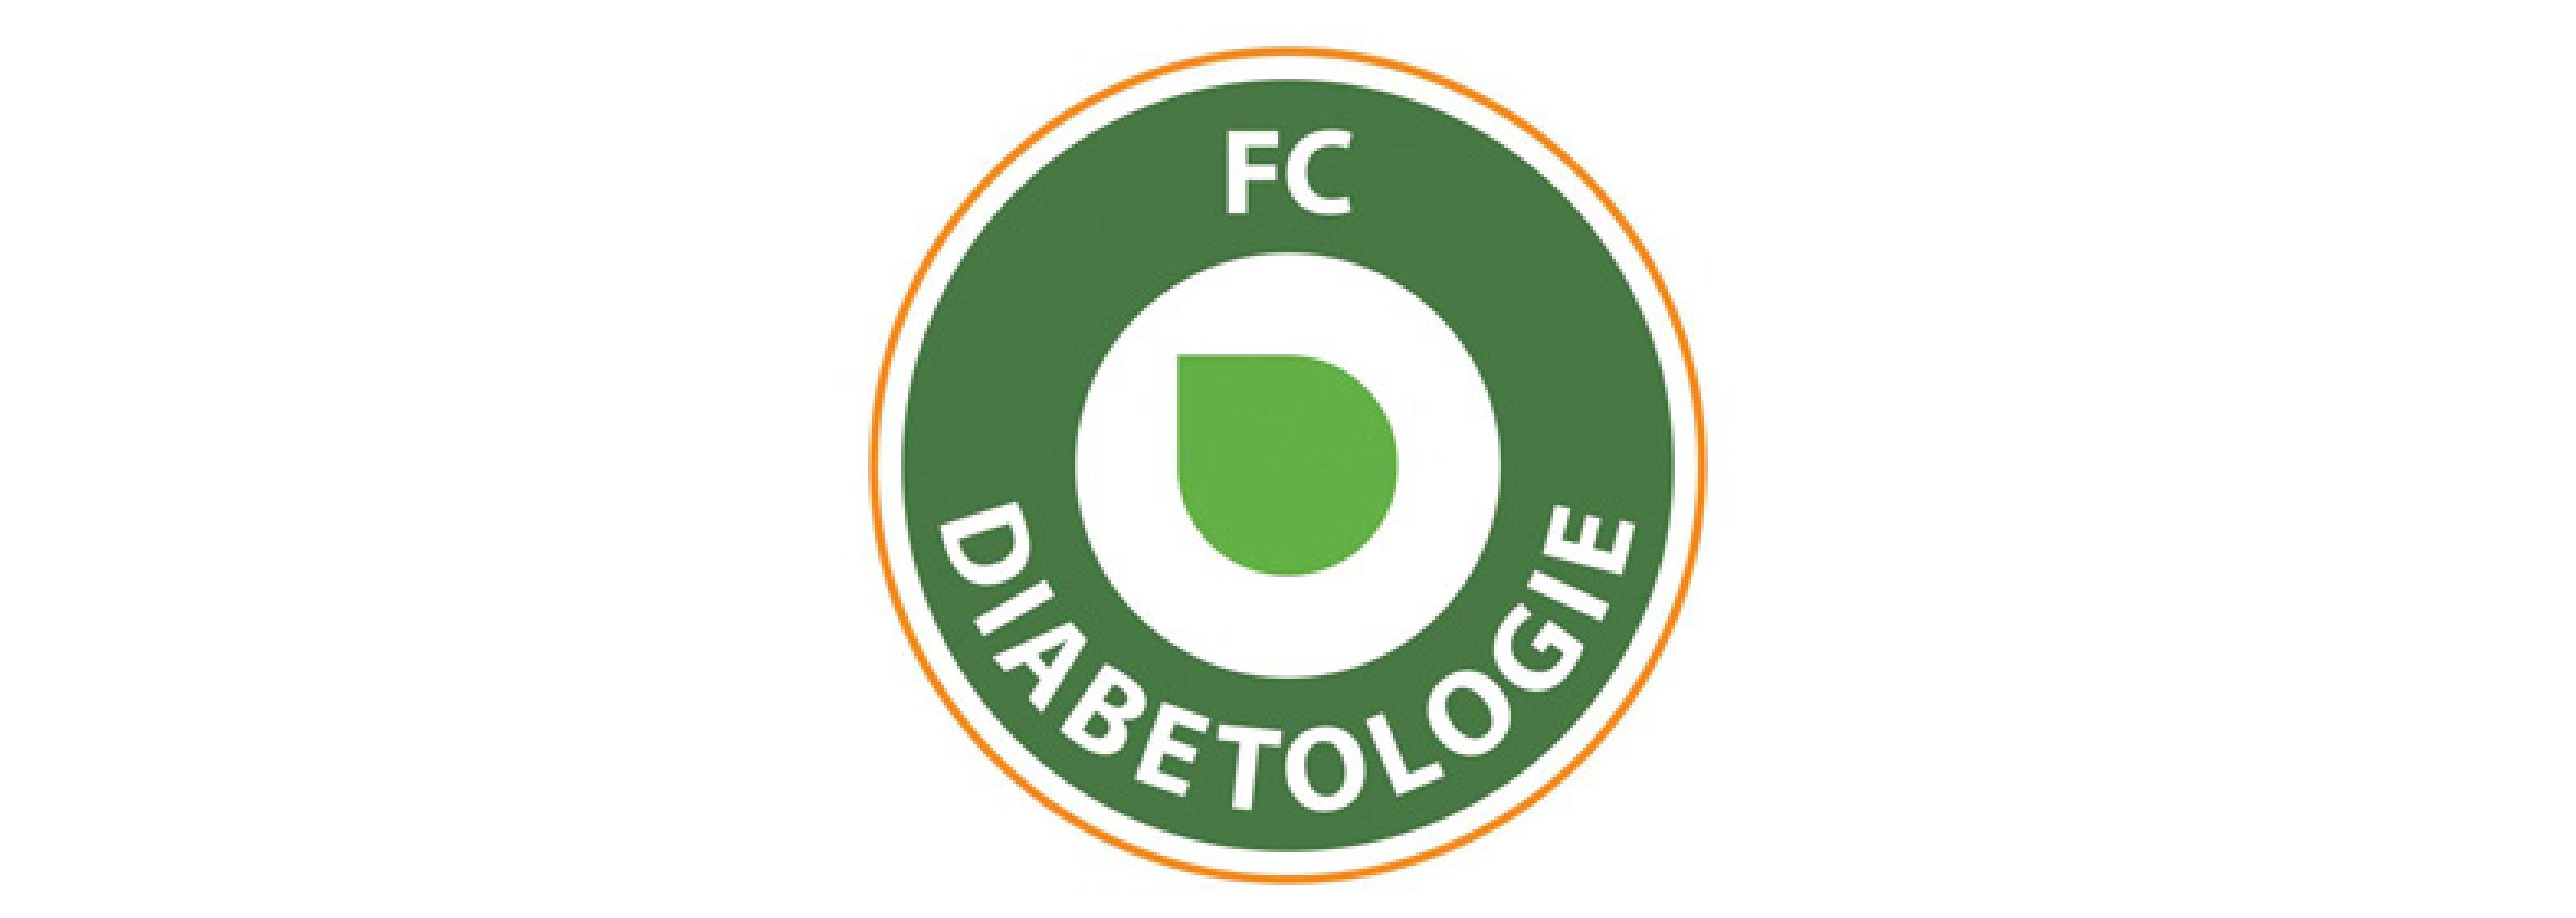 Logo FC Diabetologie Hero Bild